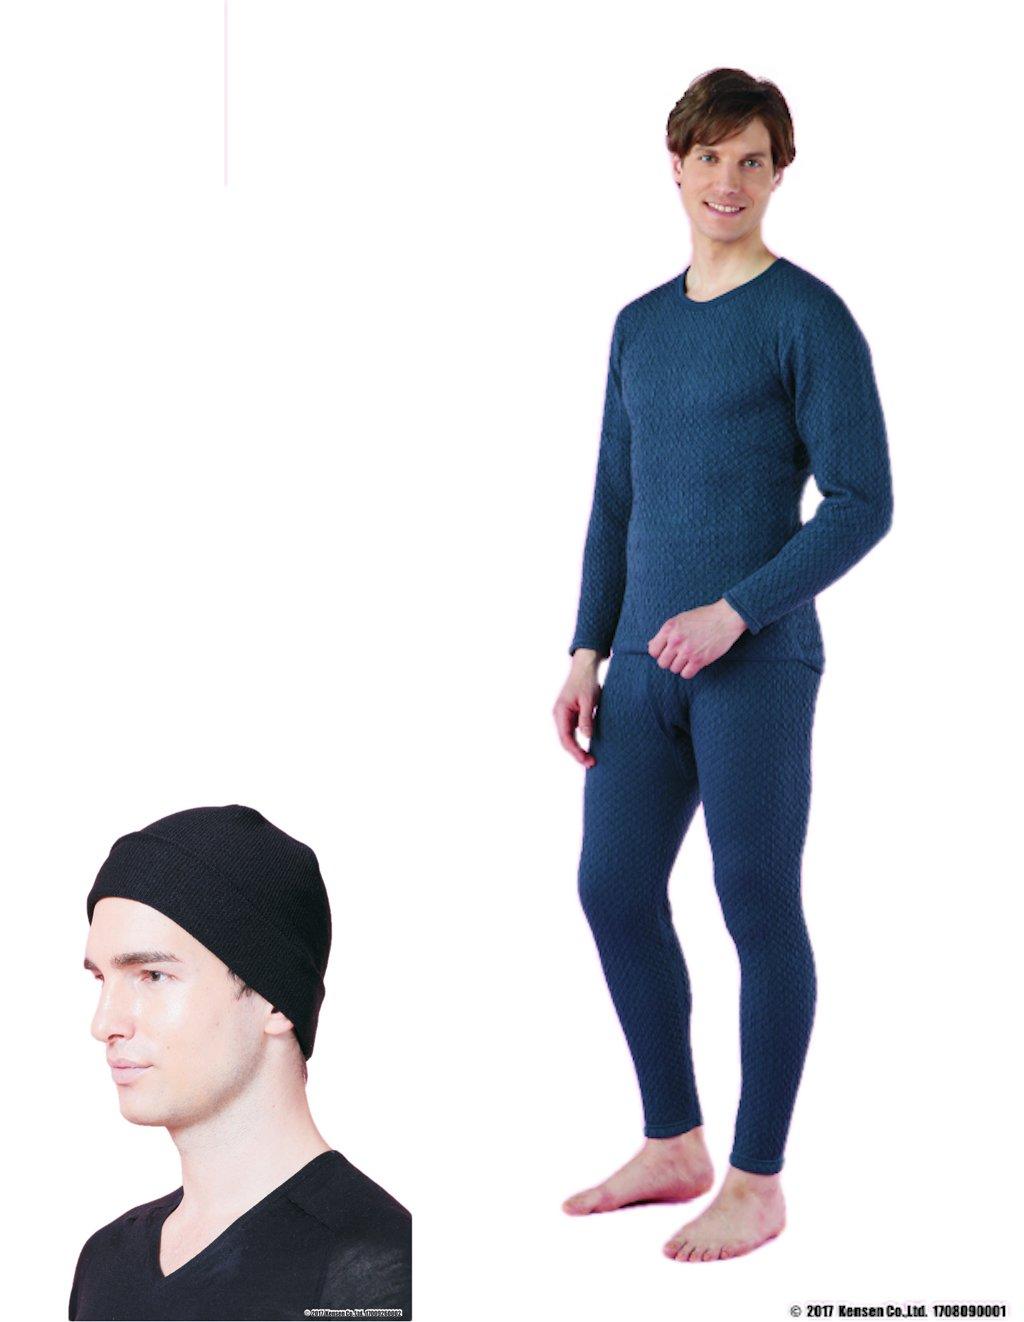 ひだまり チョモランマ[紳士用]◆上下セット【長袖丸首+ズボン下】+ひだまりニット帽セット (LL) B076GXQ9RK